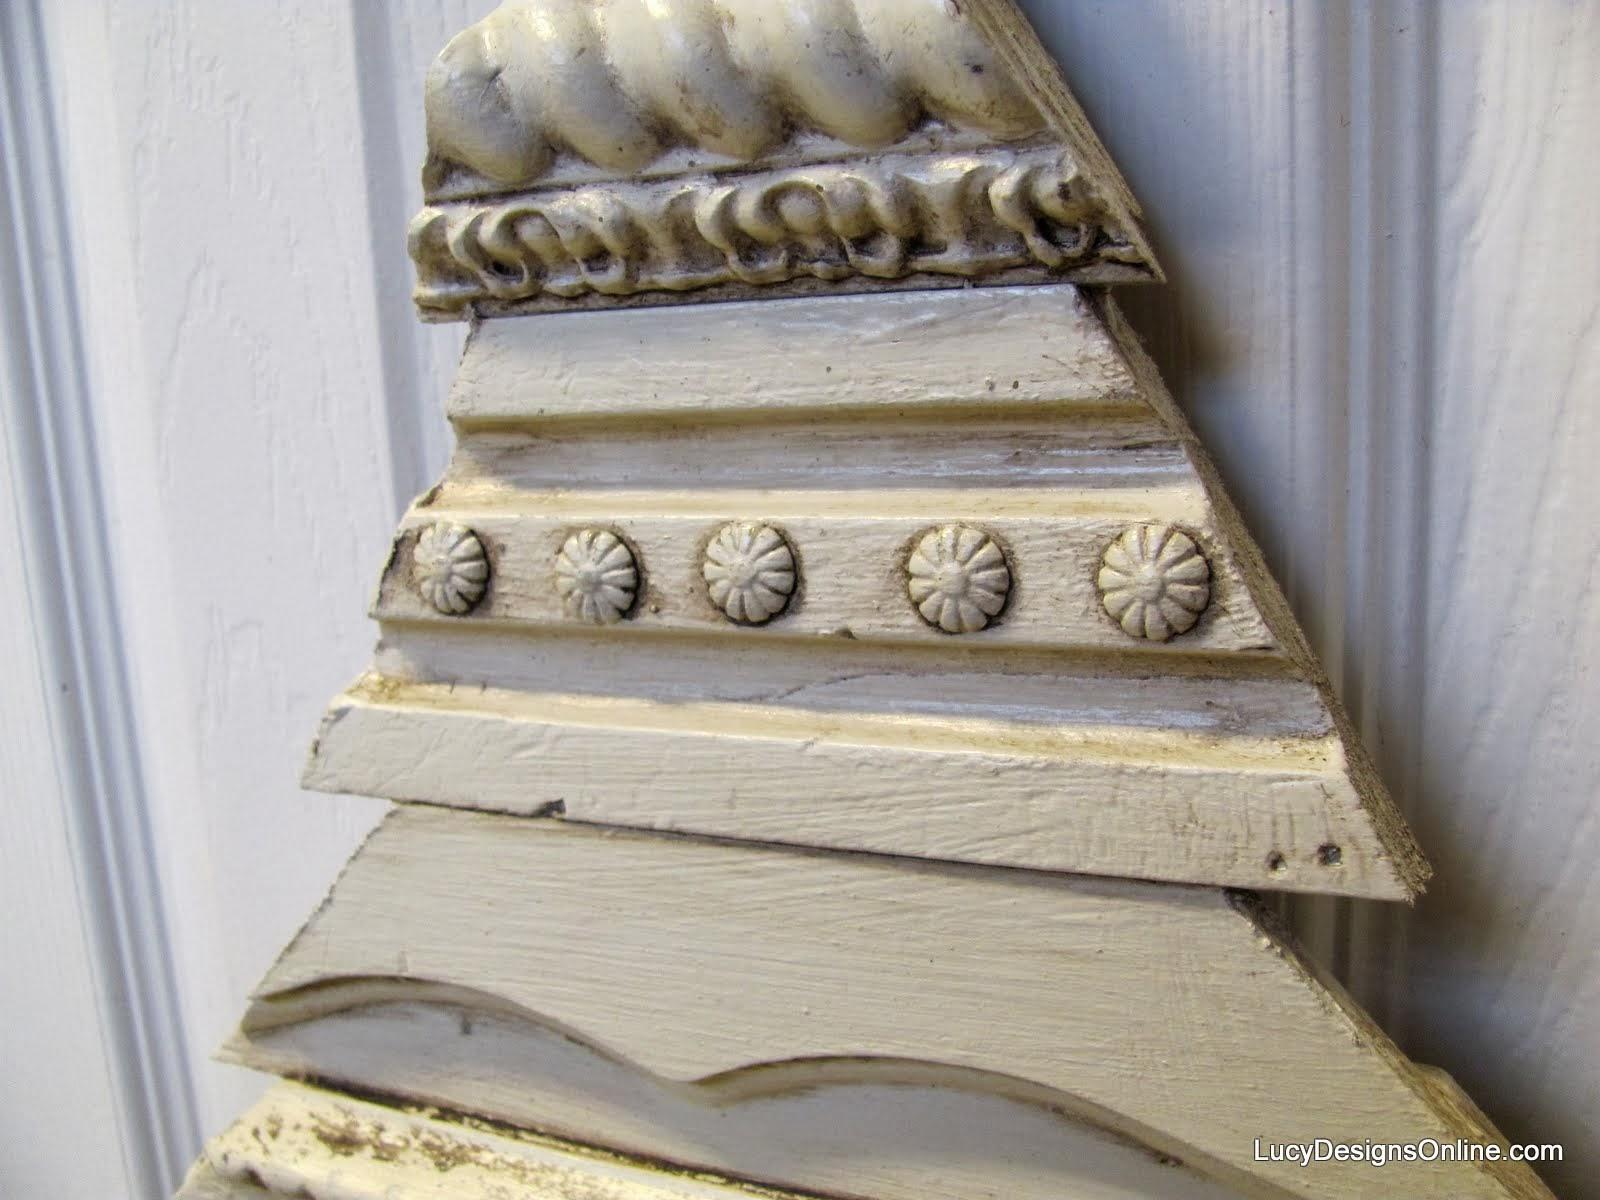 decorative molding using upholstery tacks - Decorative Molding